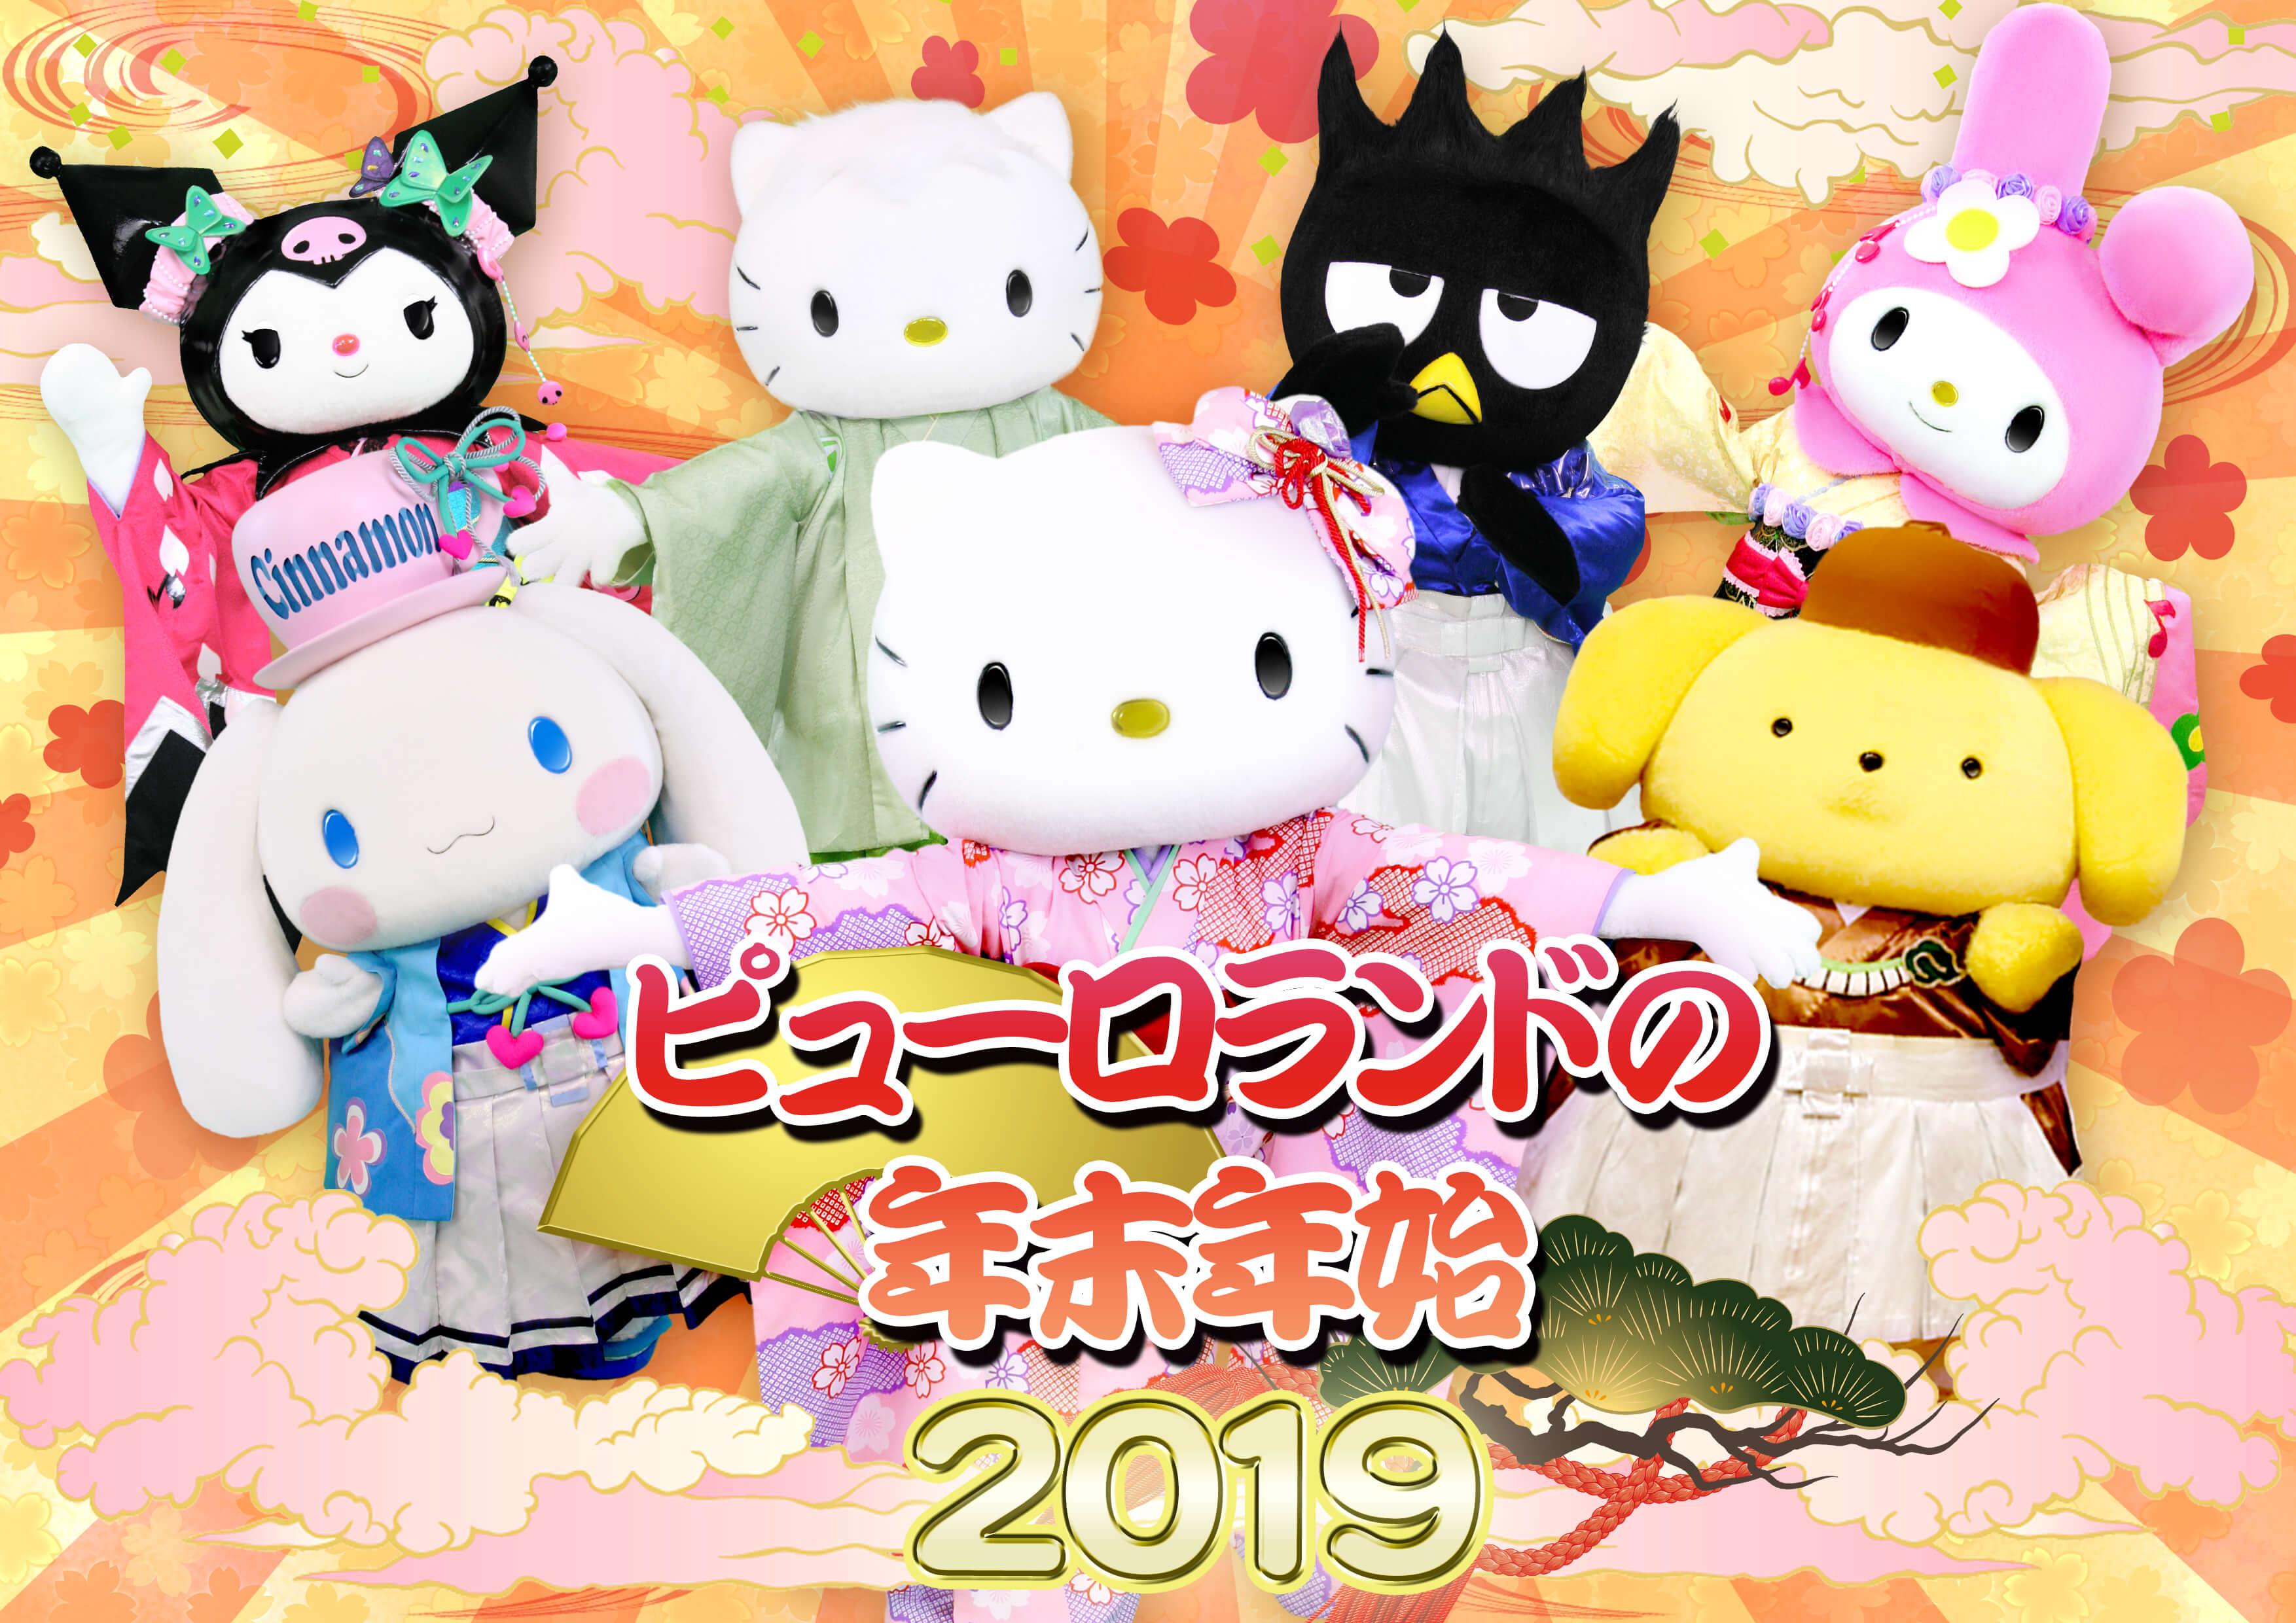 三麗鷗彩虹樂園年初年底舉行「The Final HEISEI celebration」活動 三麗鷗彩虹樂園、